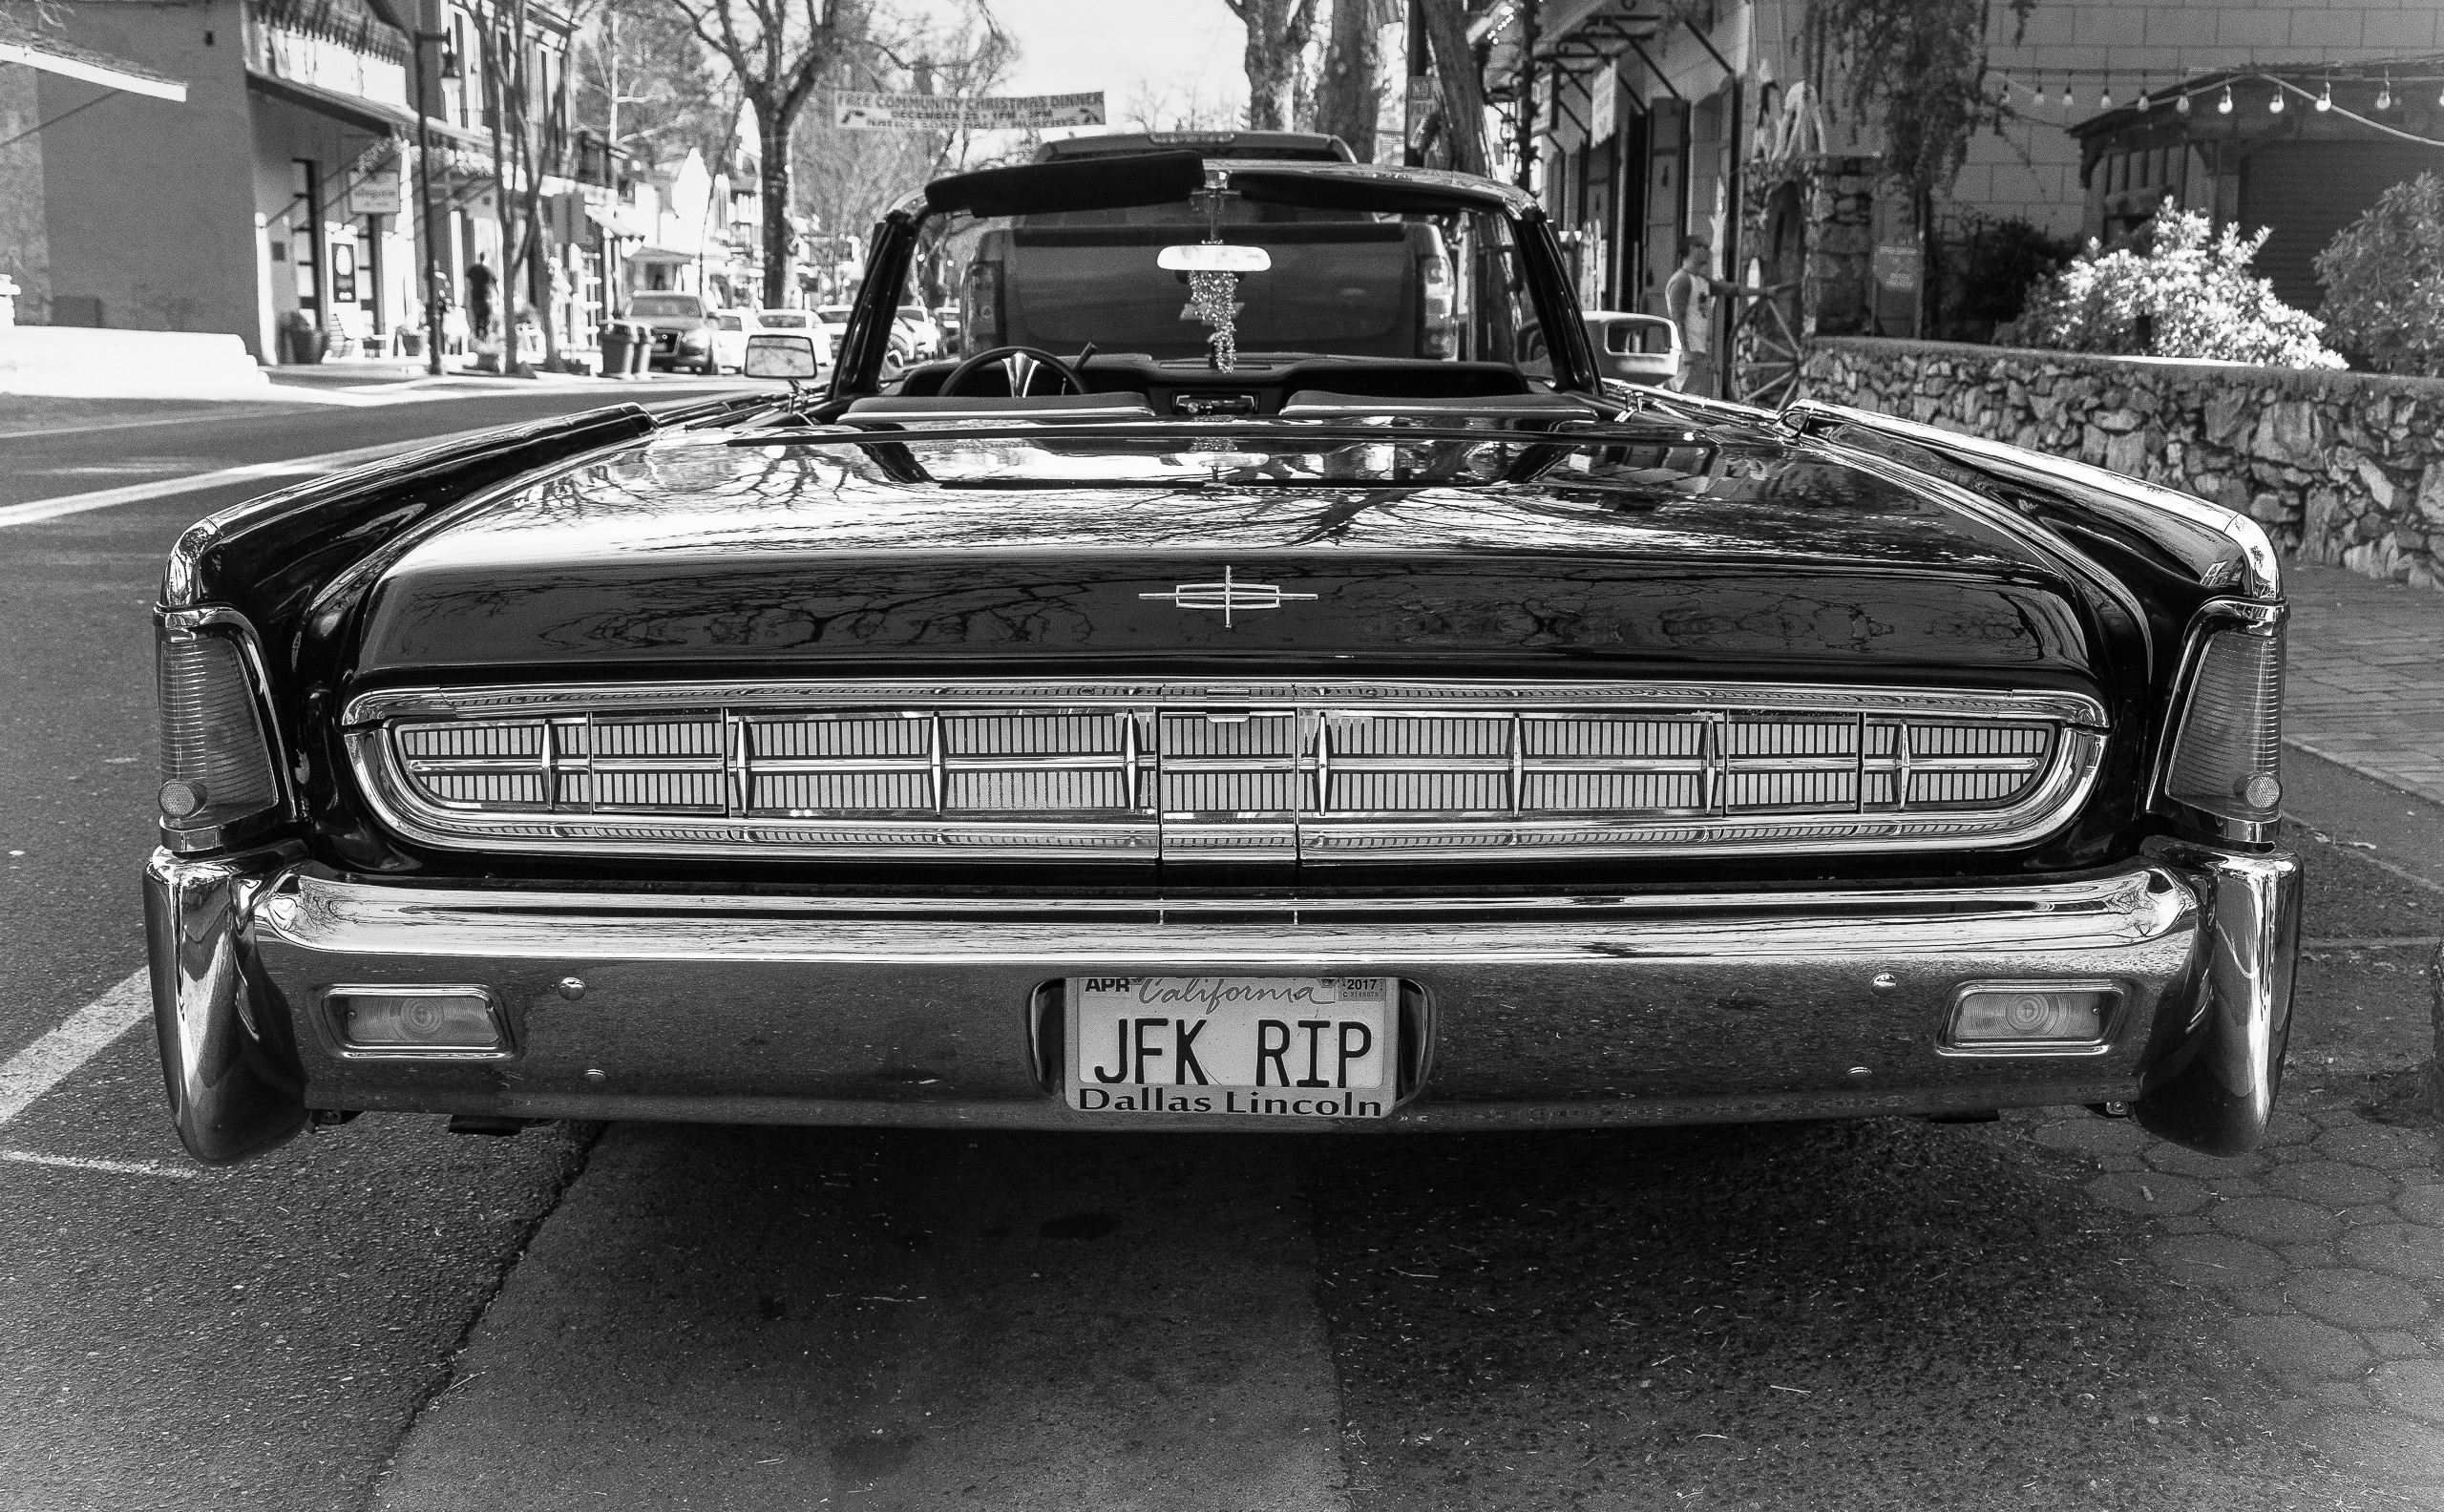 JFK RIP